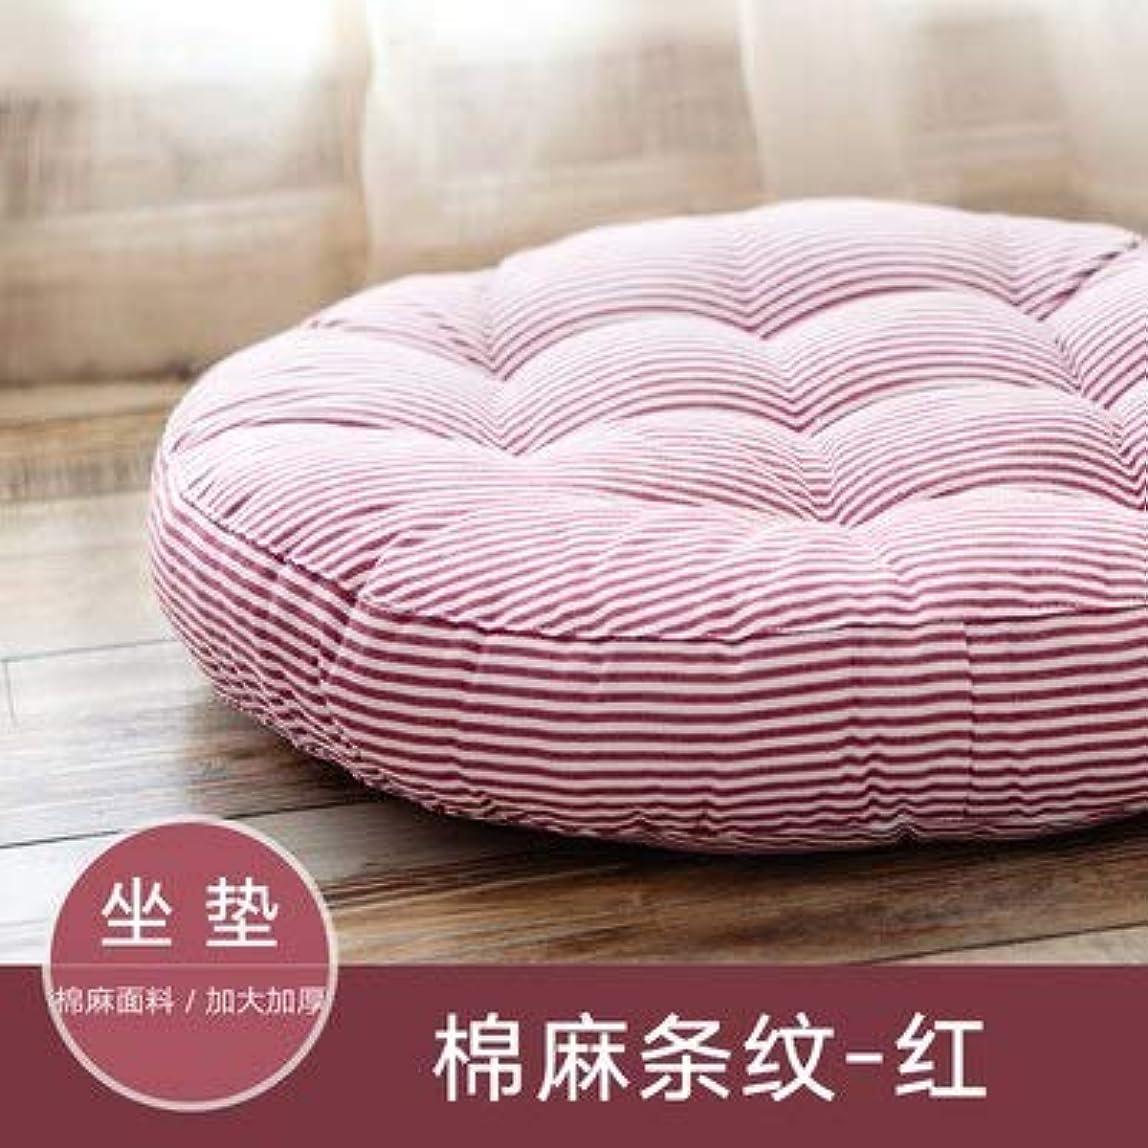 ヘロイン優先権発揮するLIFE ラウンド厚い椅子のクッションフロアマットレスシートパッドソフトホームオフィスチェアクッションマットソフトスロー枕最高品質の床クッション クッション 椅子